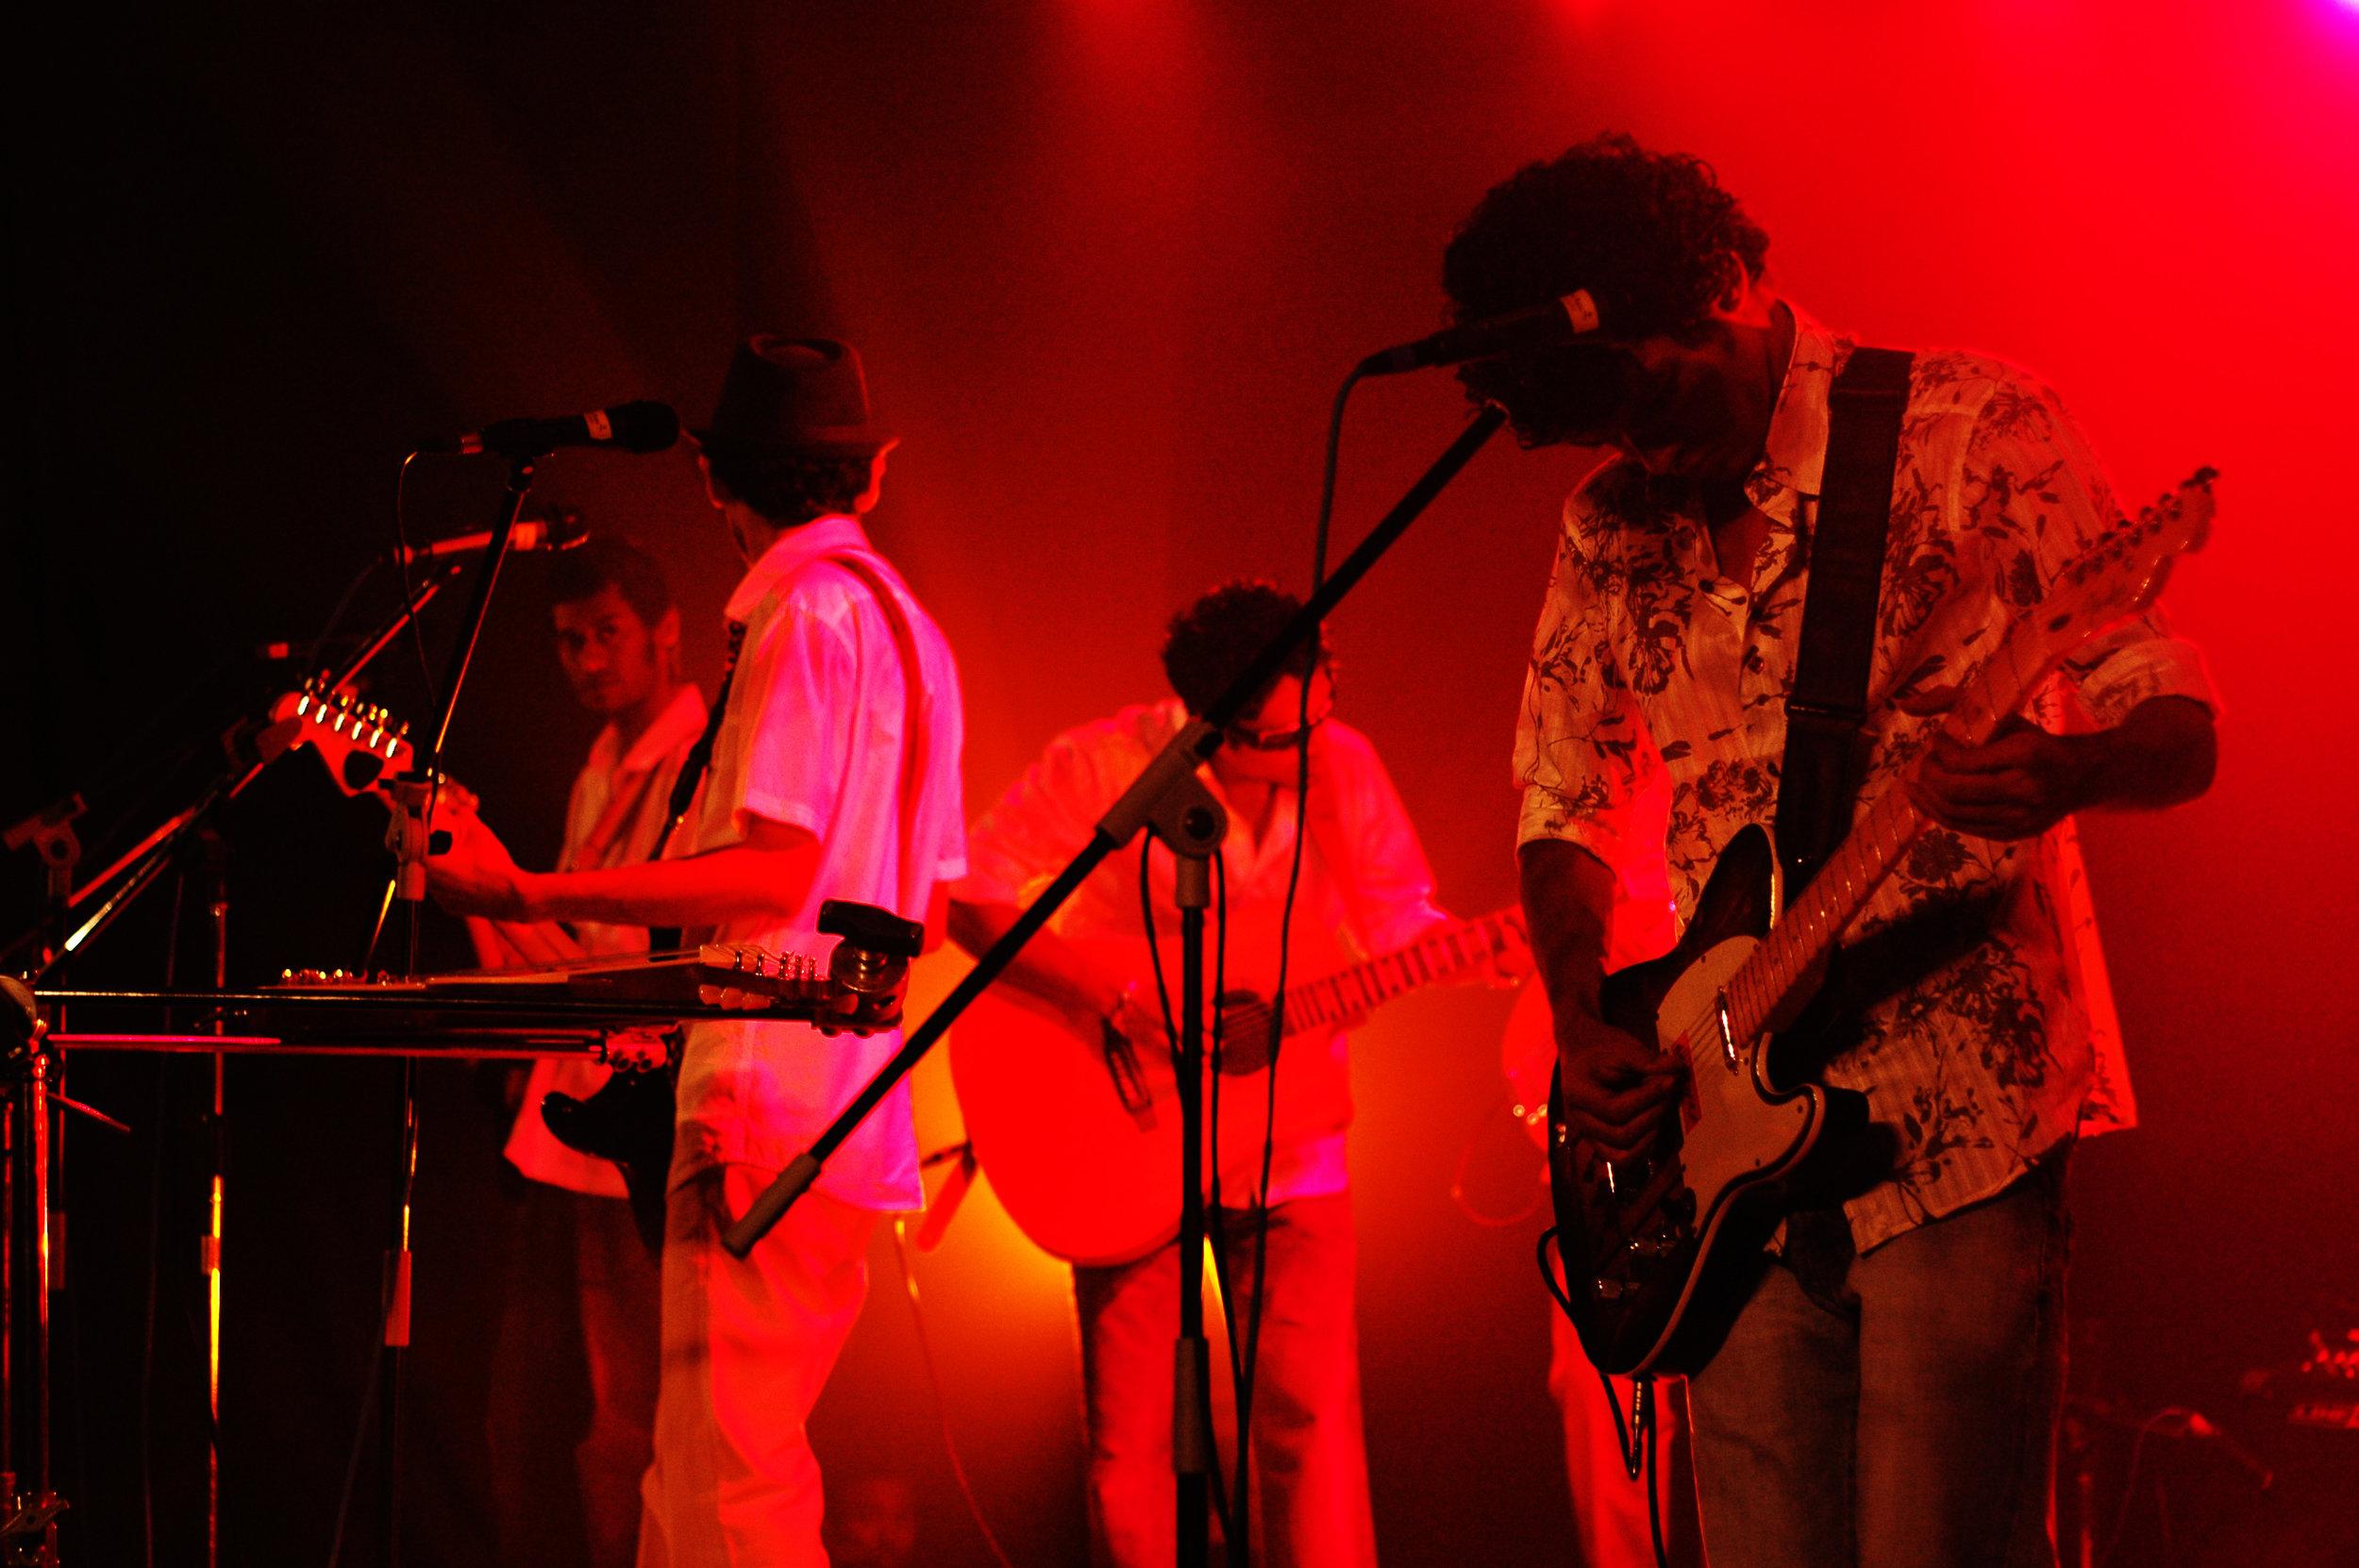 2009-08-19 - Male' City - Dharubaaruge' - Eku Ekee Album Launch - D70s-7991.jpg